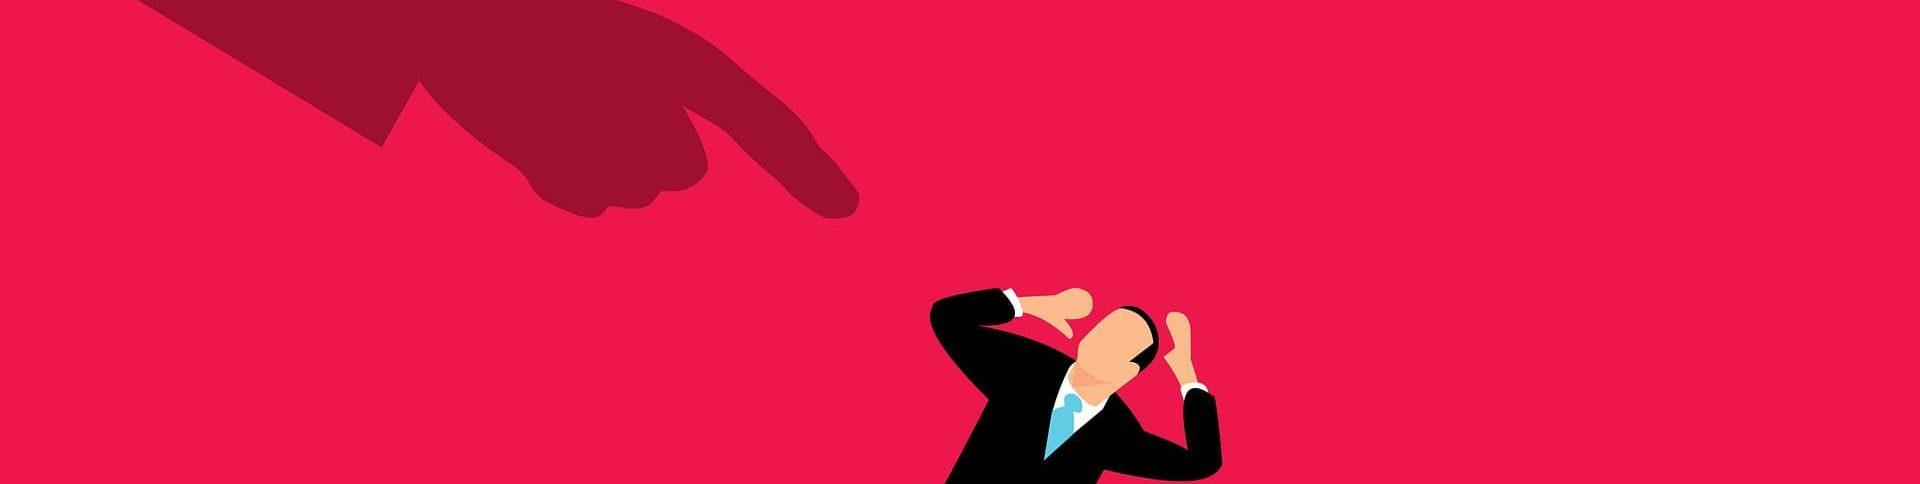 Droit au chômage après une démission pour harcèlement